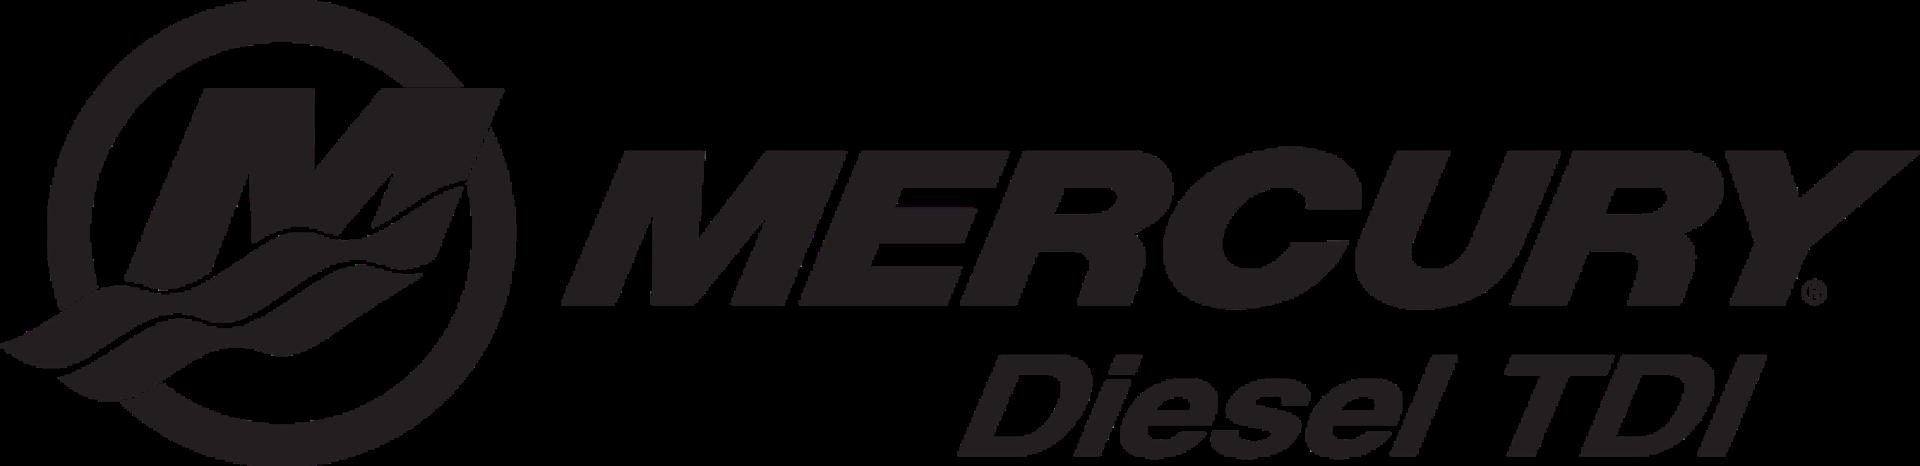 Mercury Diesel TDI